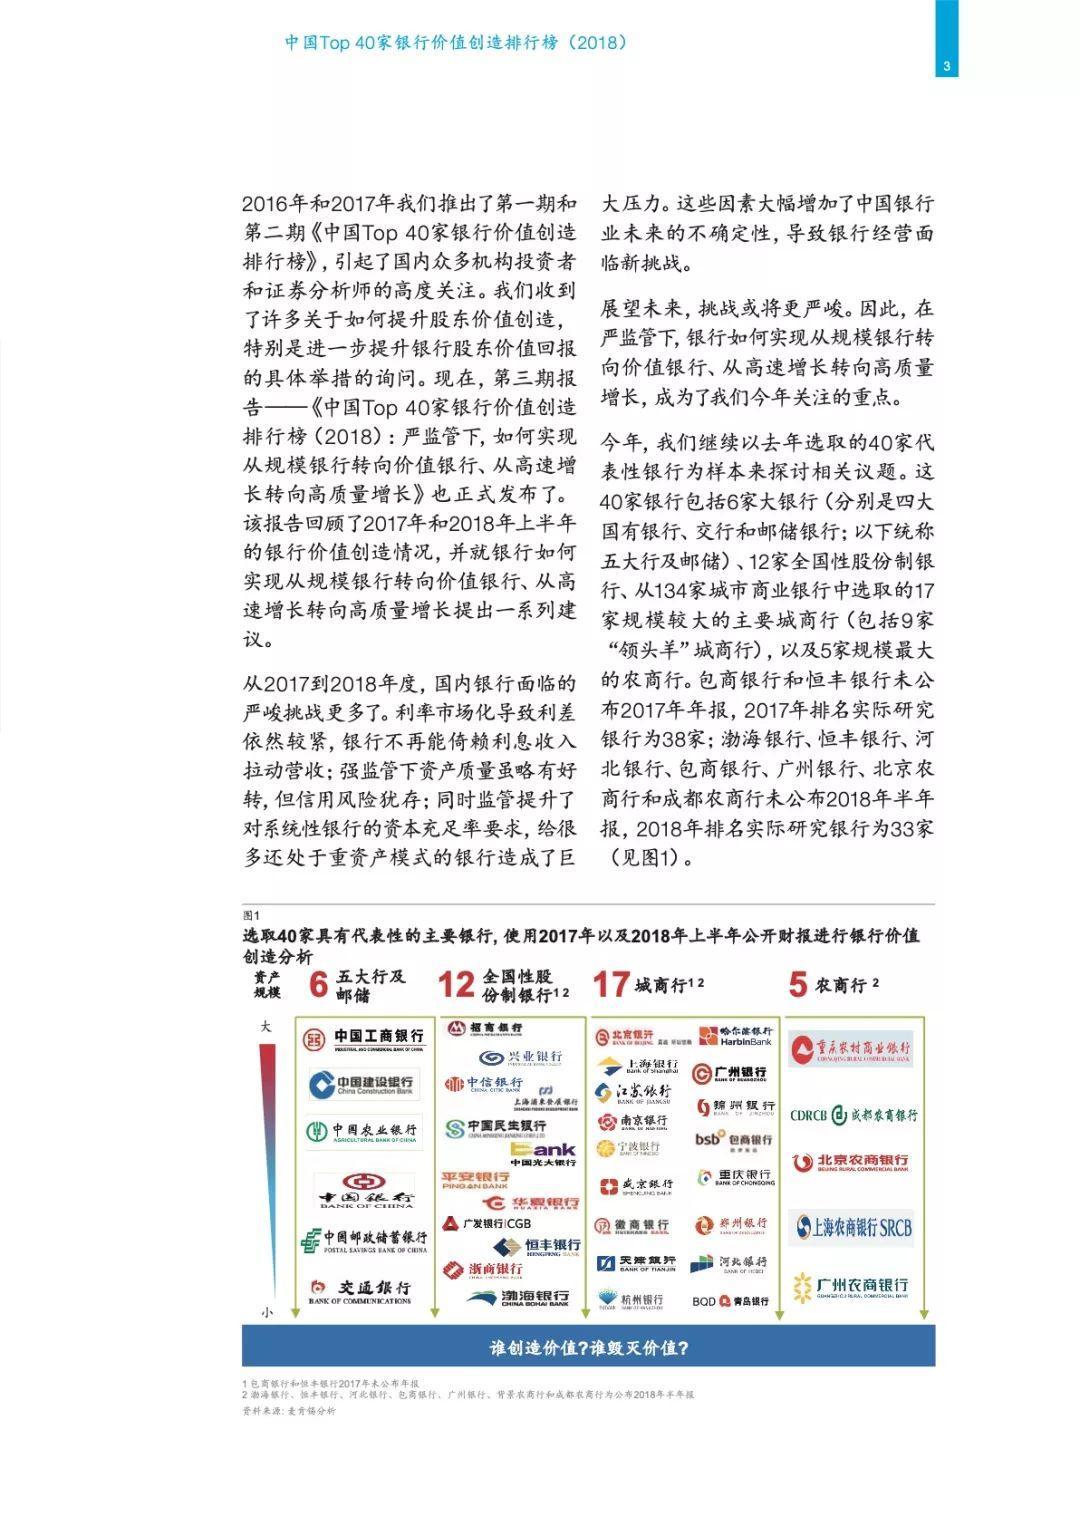 麦肯锡:中国Top40家银行价值创造排行榜(2018)